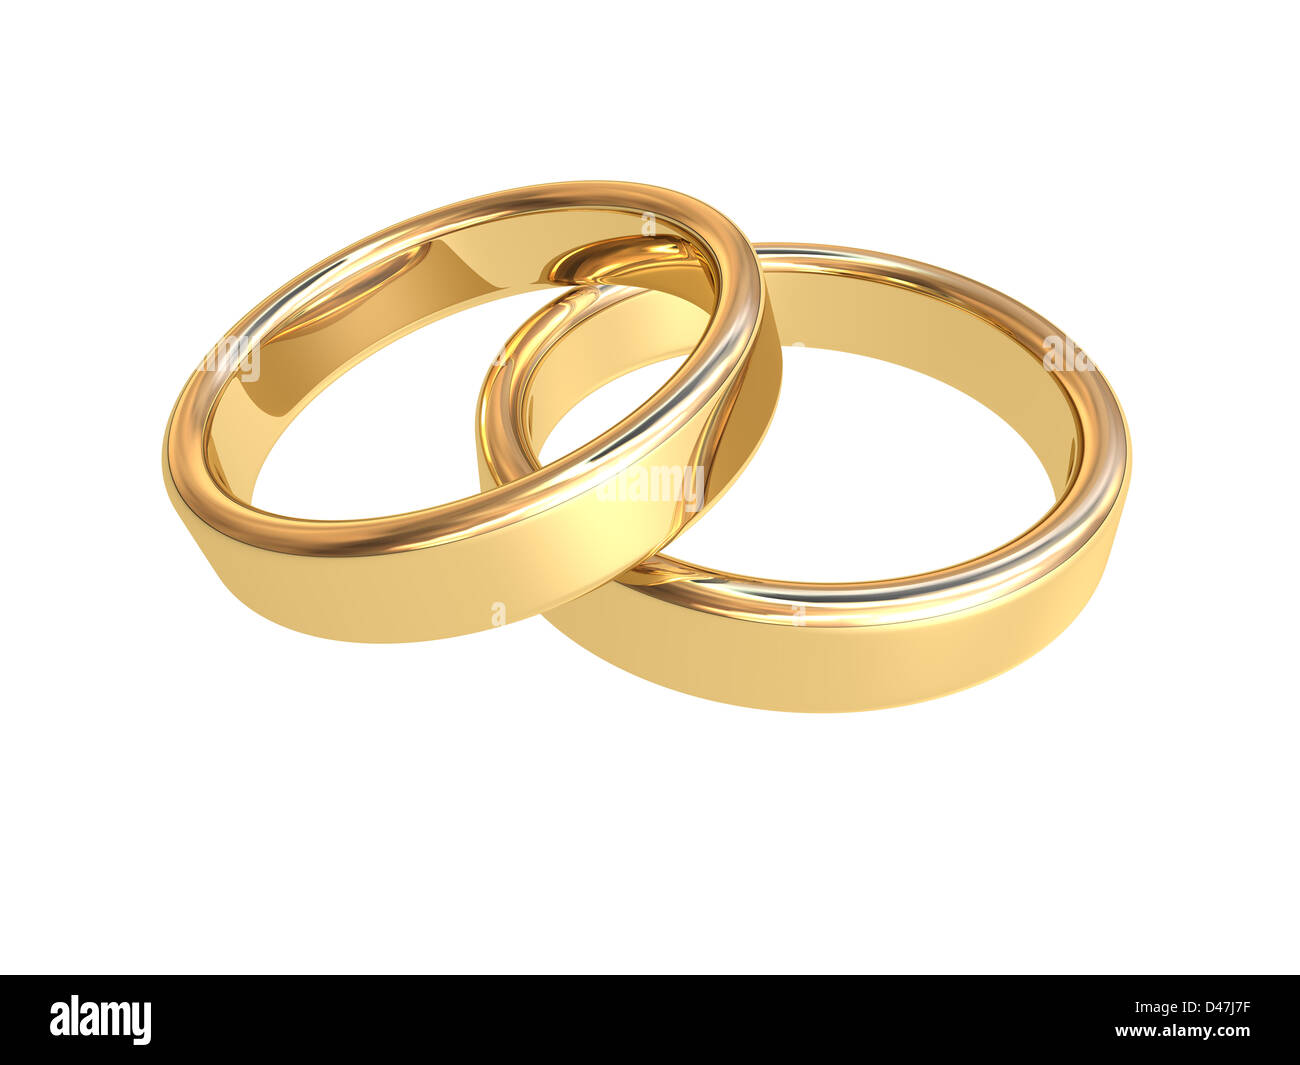 Zwei Goldene Hochzeit Ringe Vor Weissem Hintergrund Stockfoto Bild